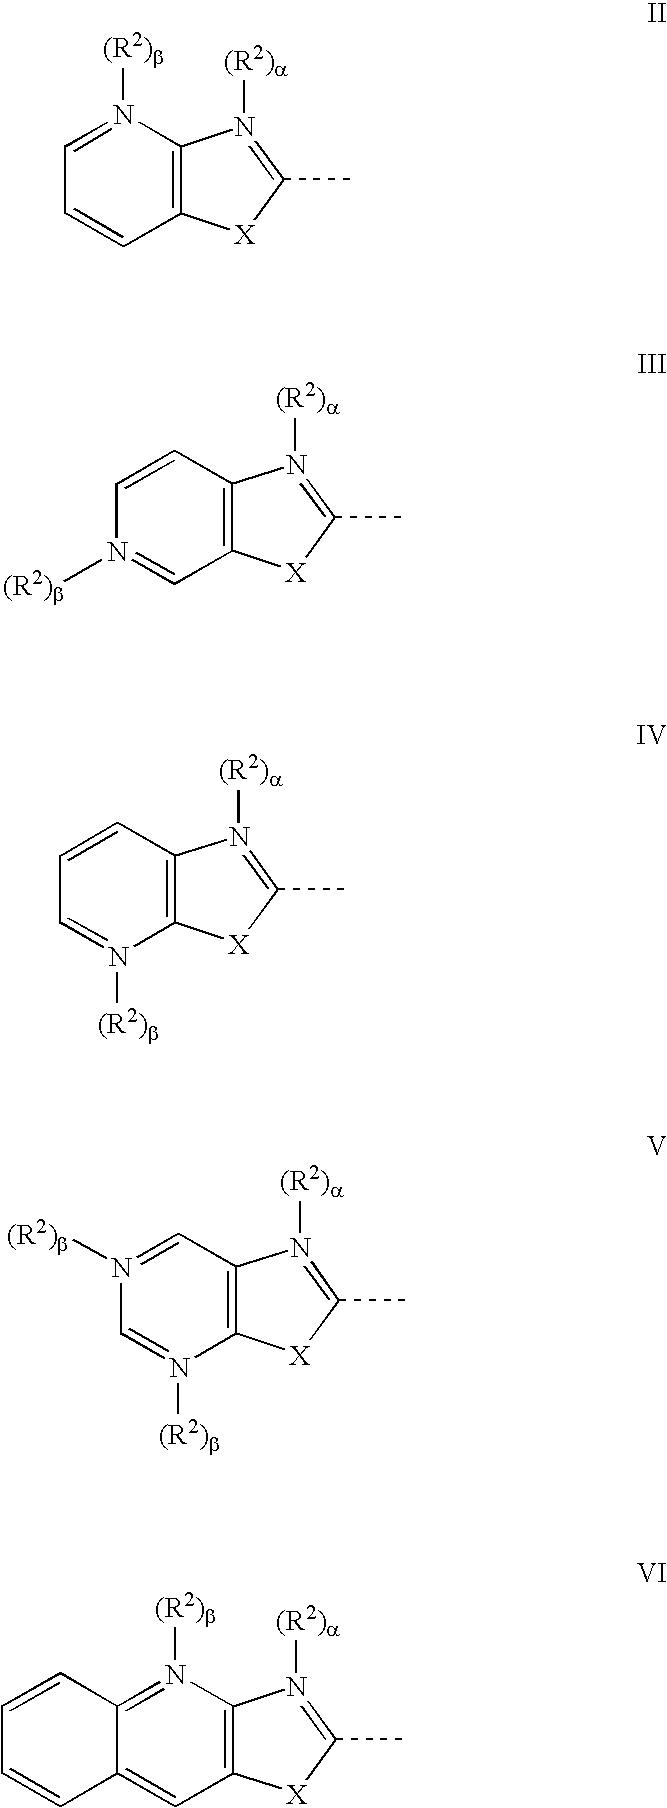 Figure US20060004188A1-20060105-C00003